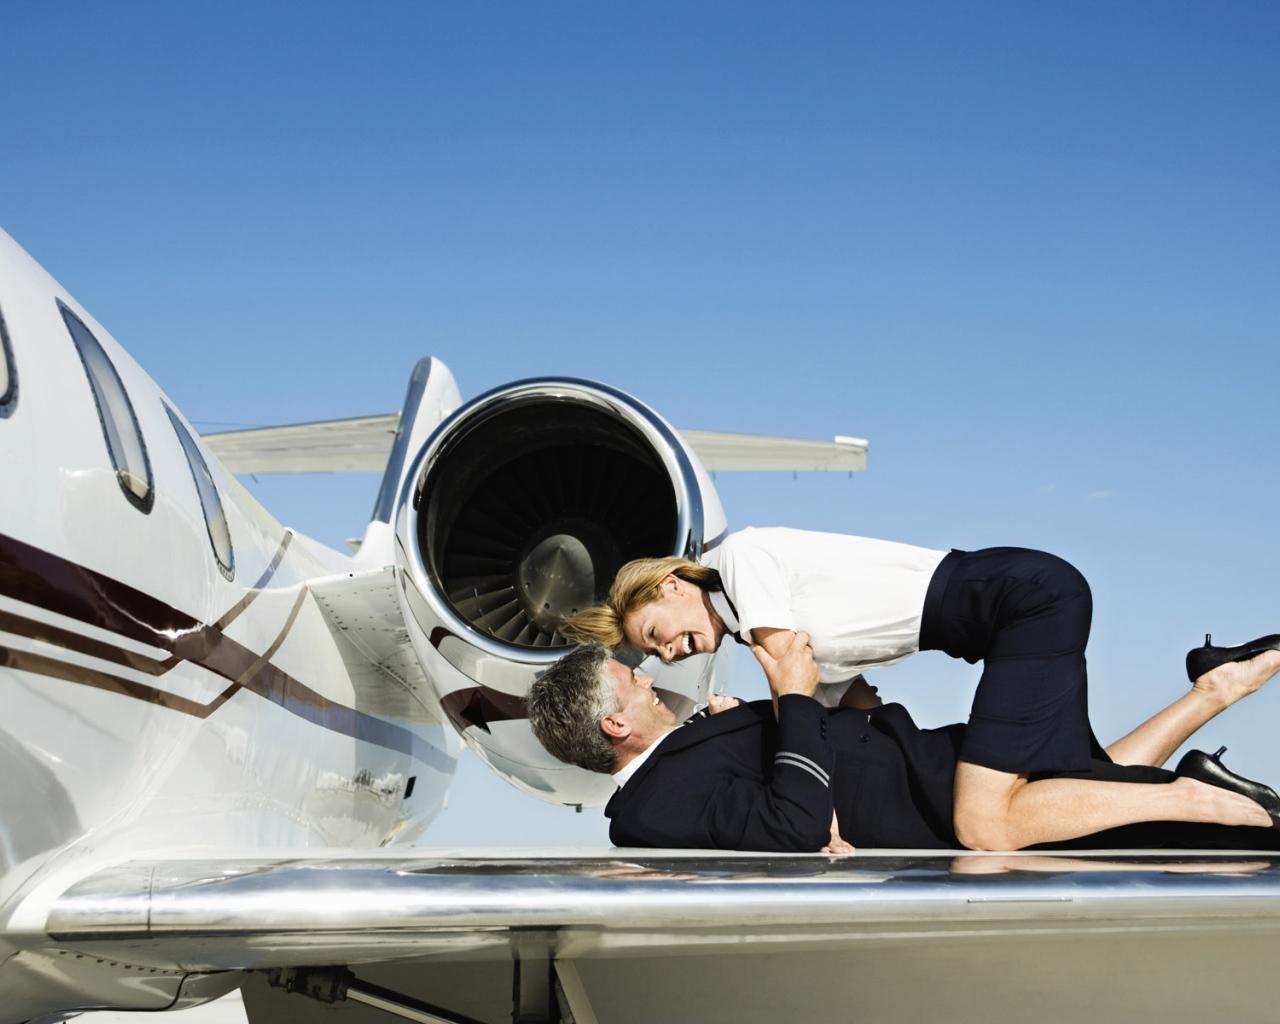 фото стюардесс эро из пятого элемента